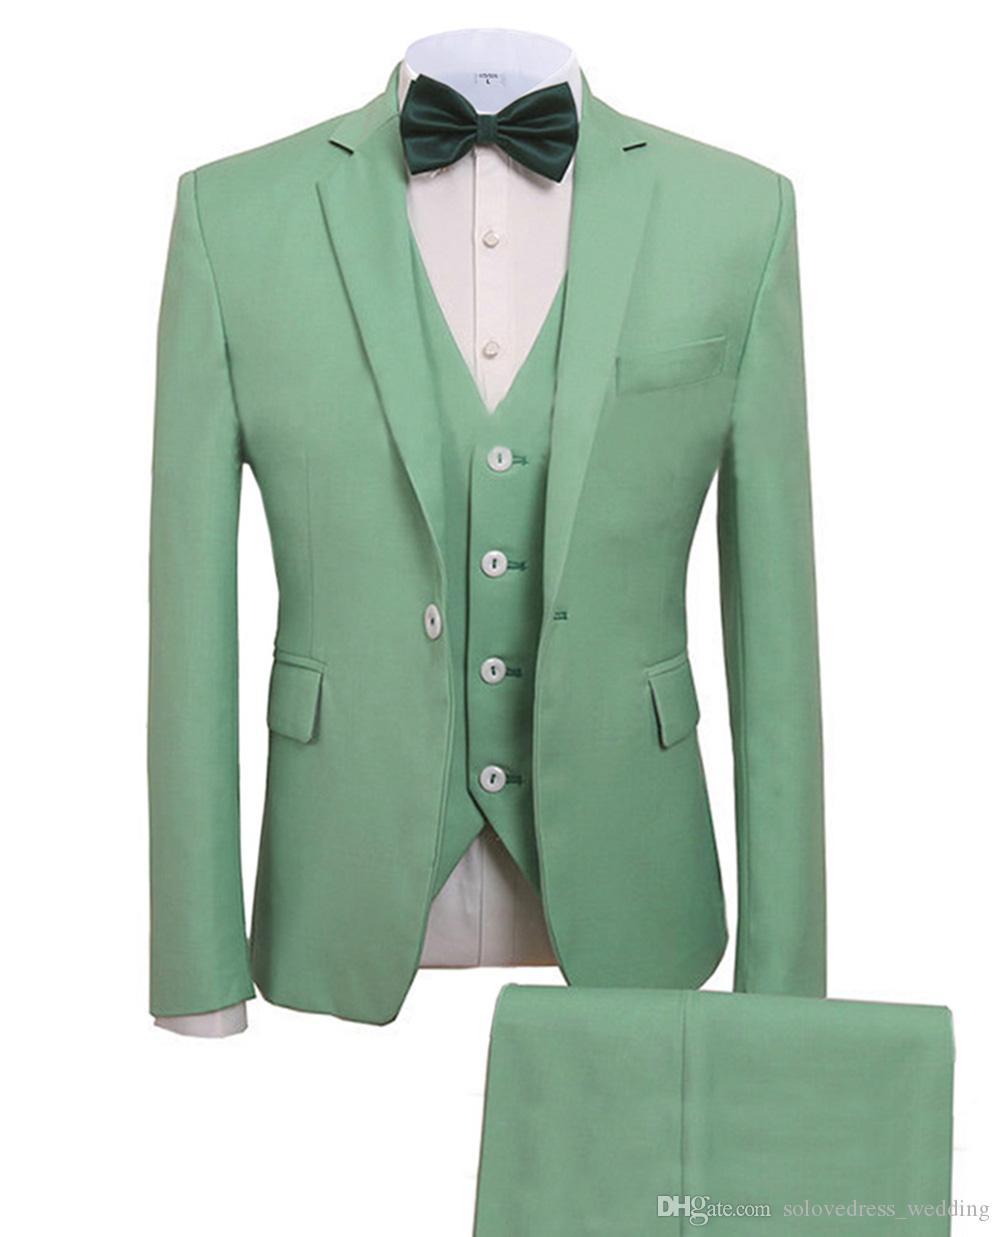 Solovedress Resmi Düğün Erkekler Yeni 3 Parça Damat Smokin Takım Elbise Çentikli Yaka Slim Fit Blazer Groomsmen Suits (Ceket + Pantolon + Yelek)